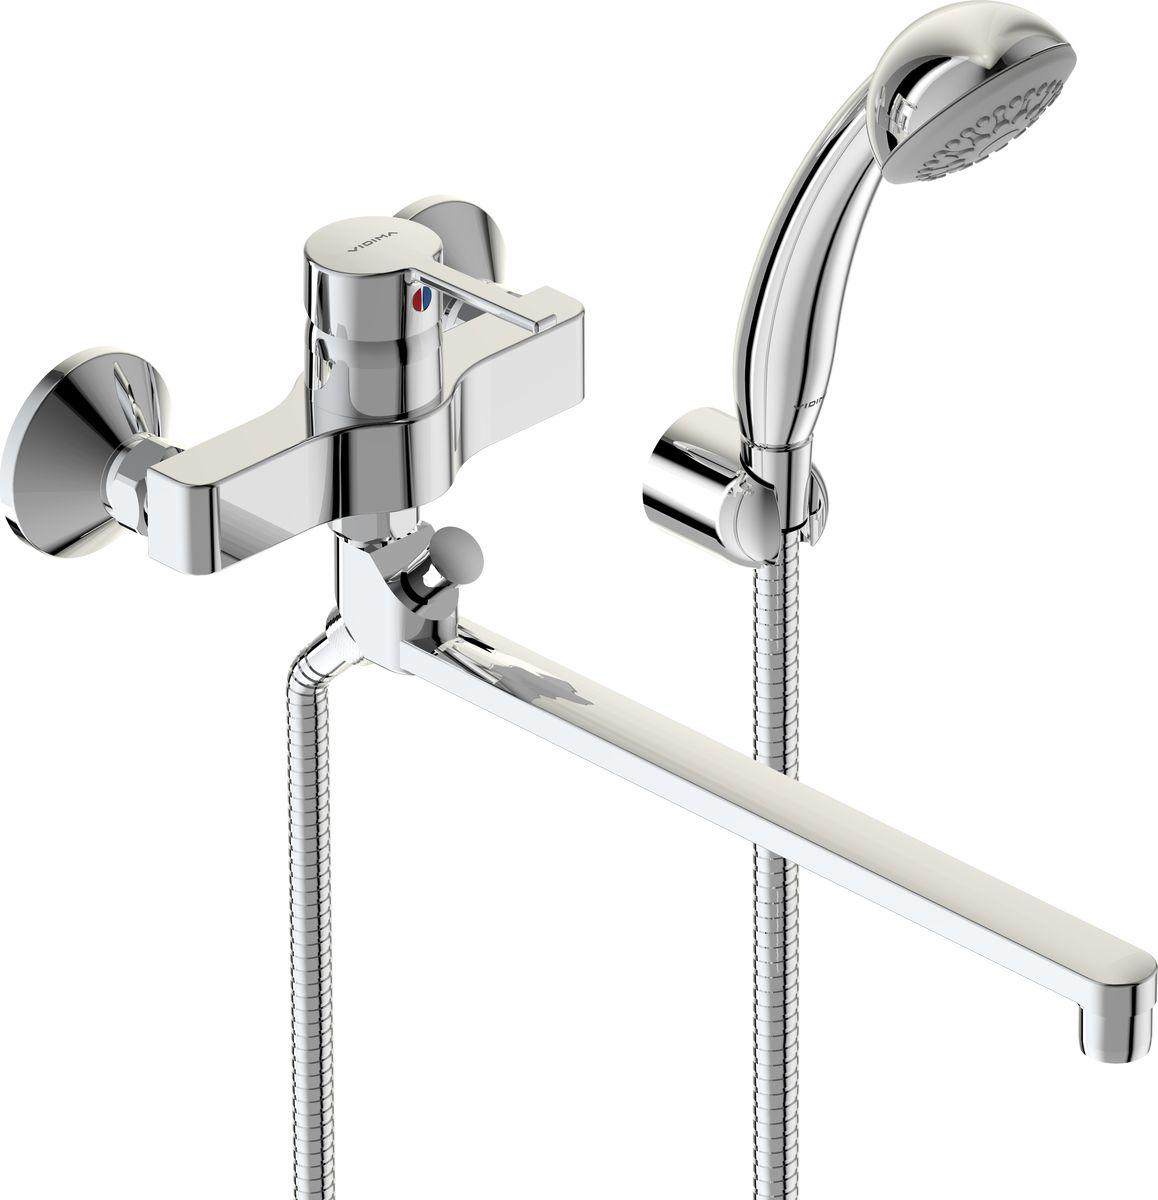 Смеситель для ванны и душа Vidima Логик, настенный, трубчатый поворотный излив 320 мм, цвет: хромBA281AAЛогик смеситель для ванны/душа, настенный, трубчатый поворотный излив 320мм, лейка 70 BA281AA